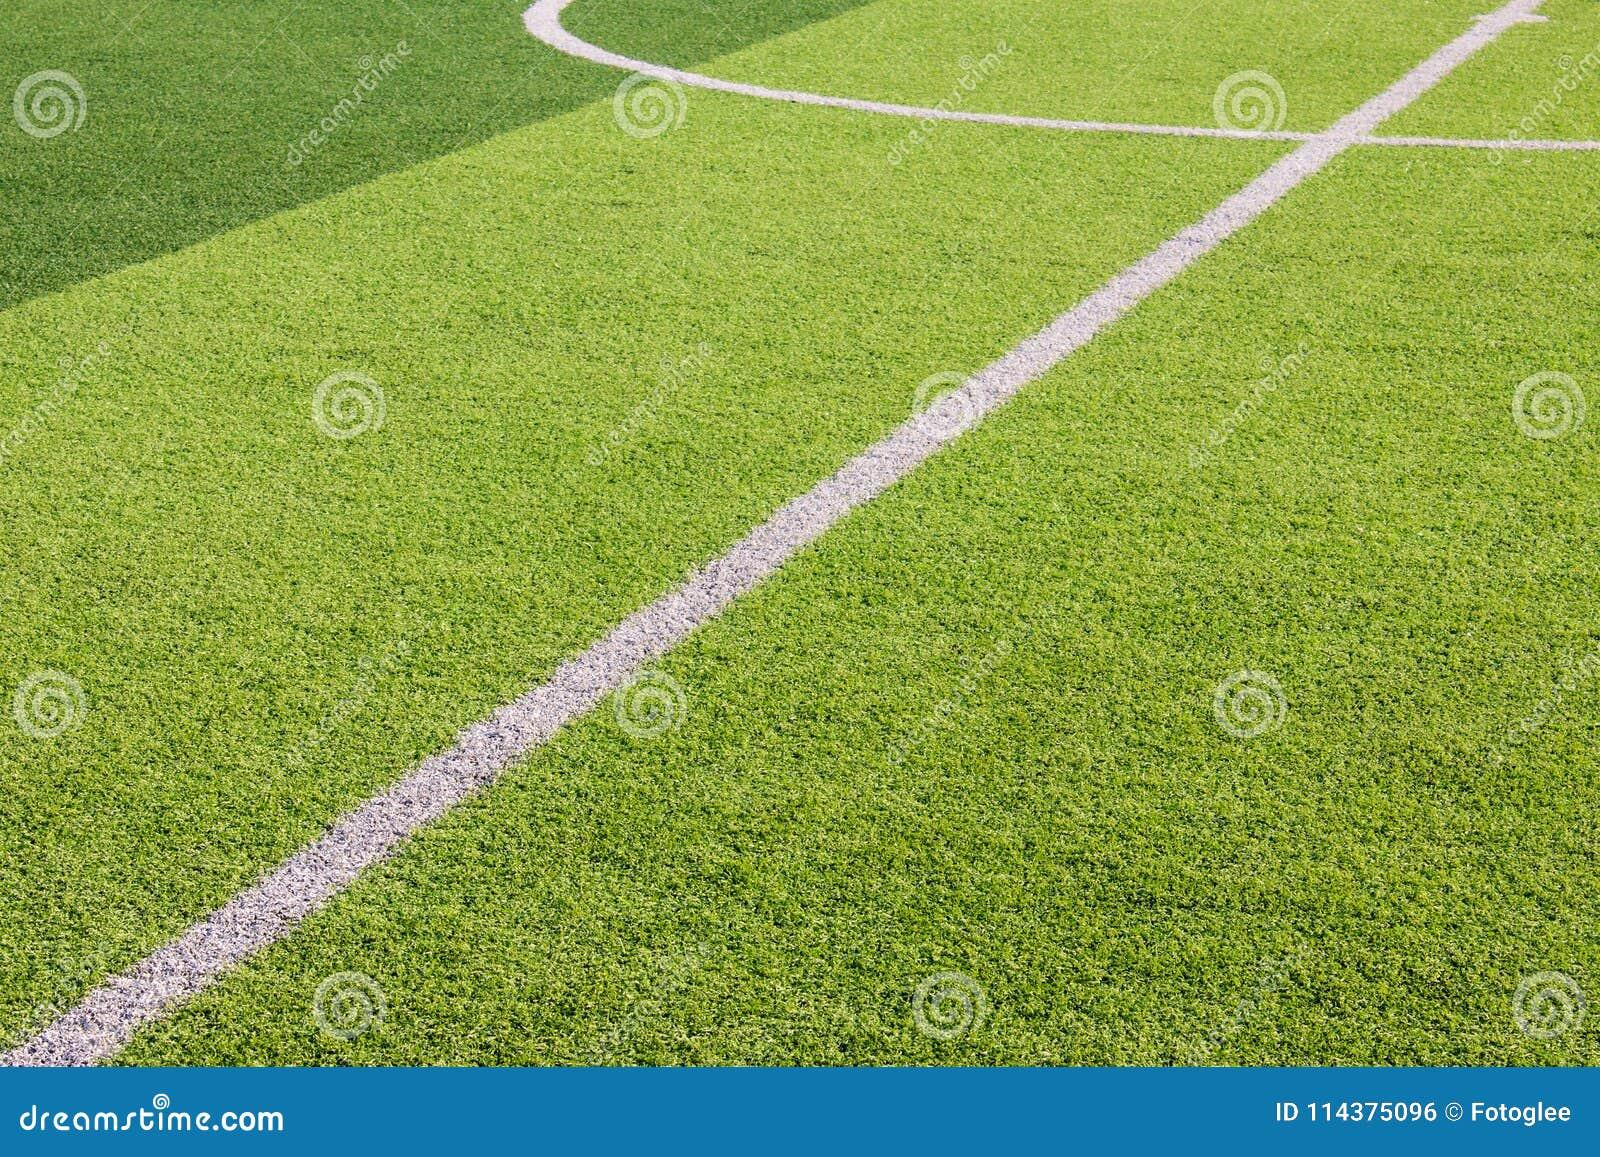 在人为绿草足球场的空白线路标号